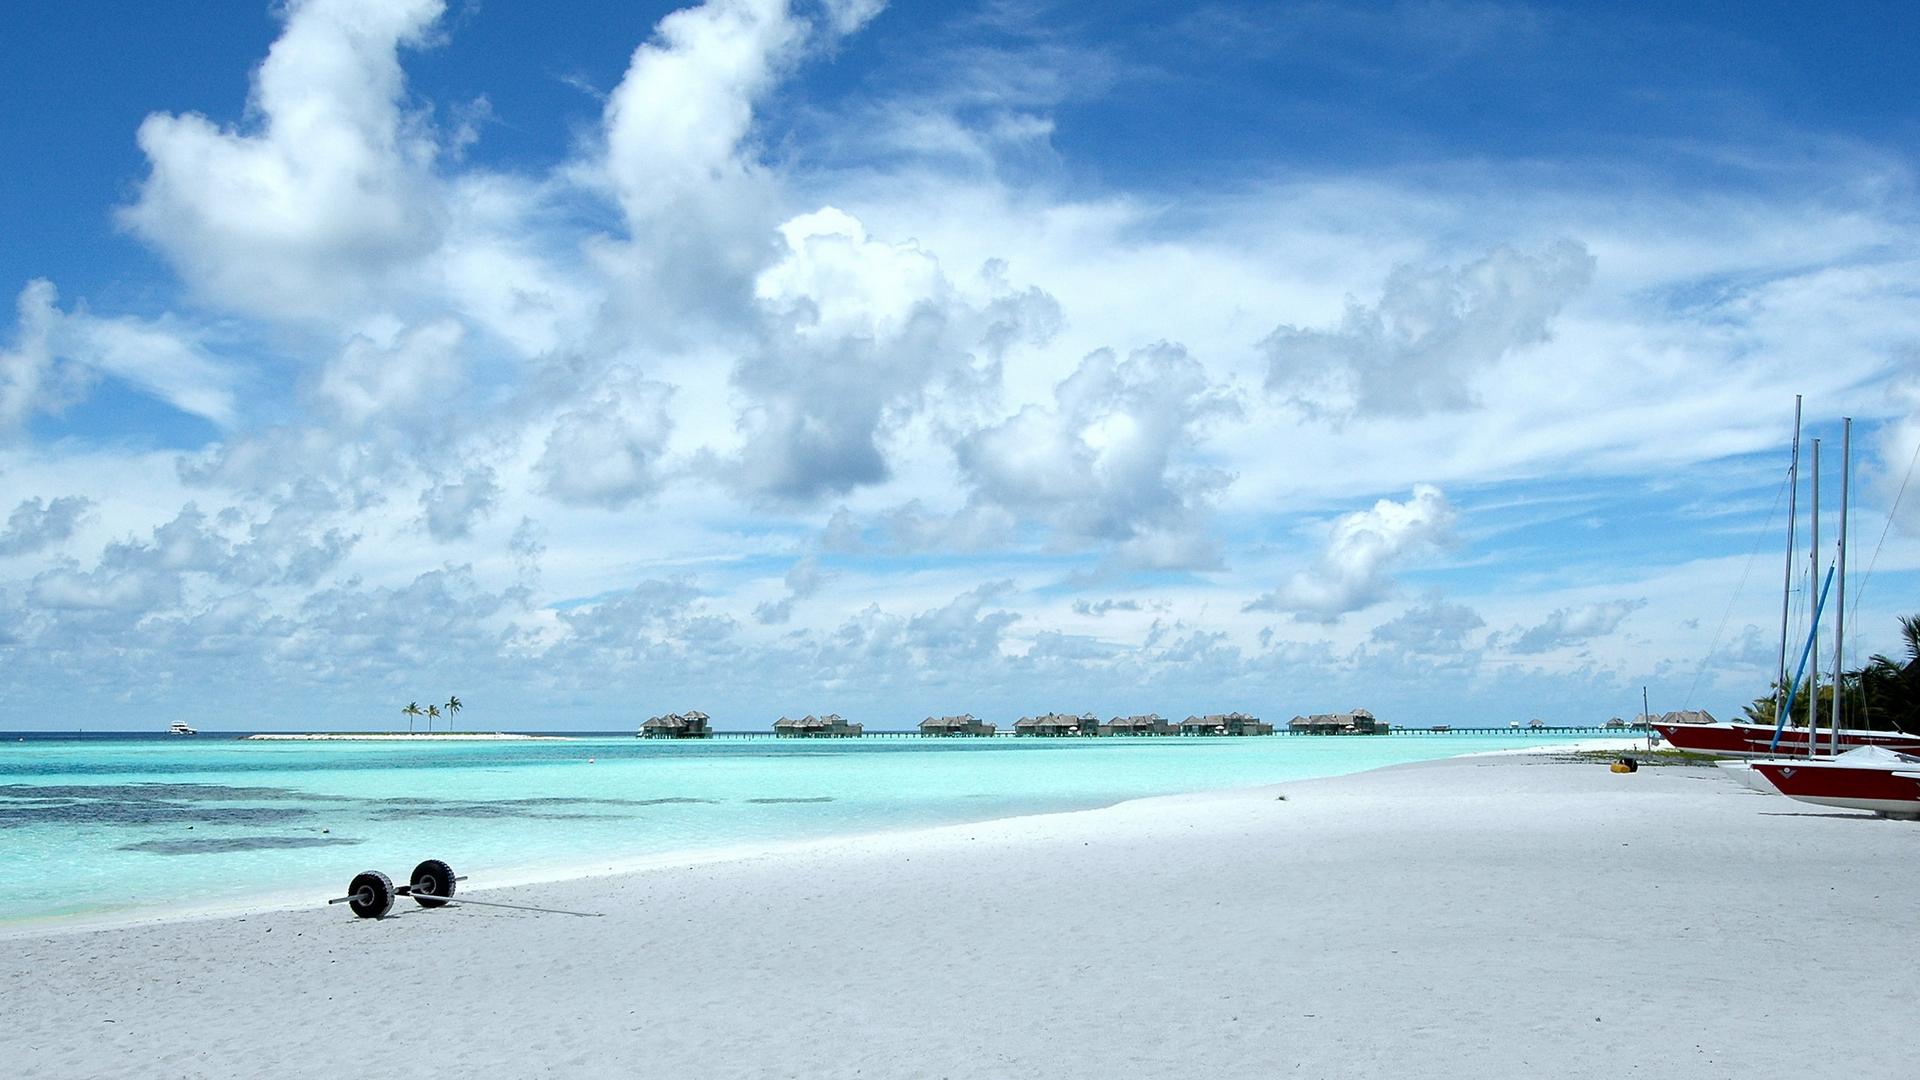 Пляж Мальдив с лодками обои скачать